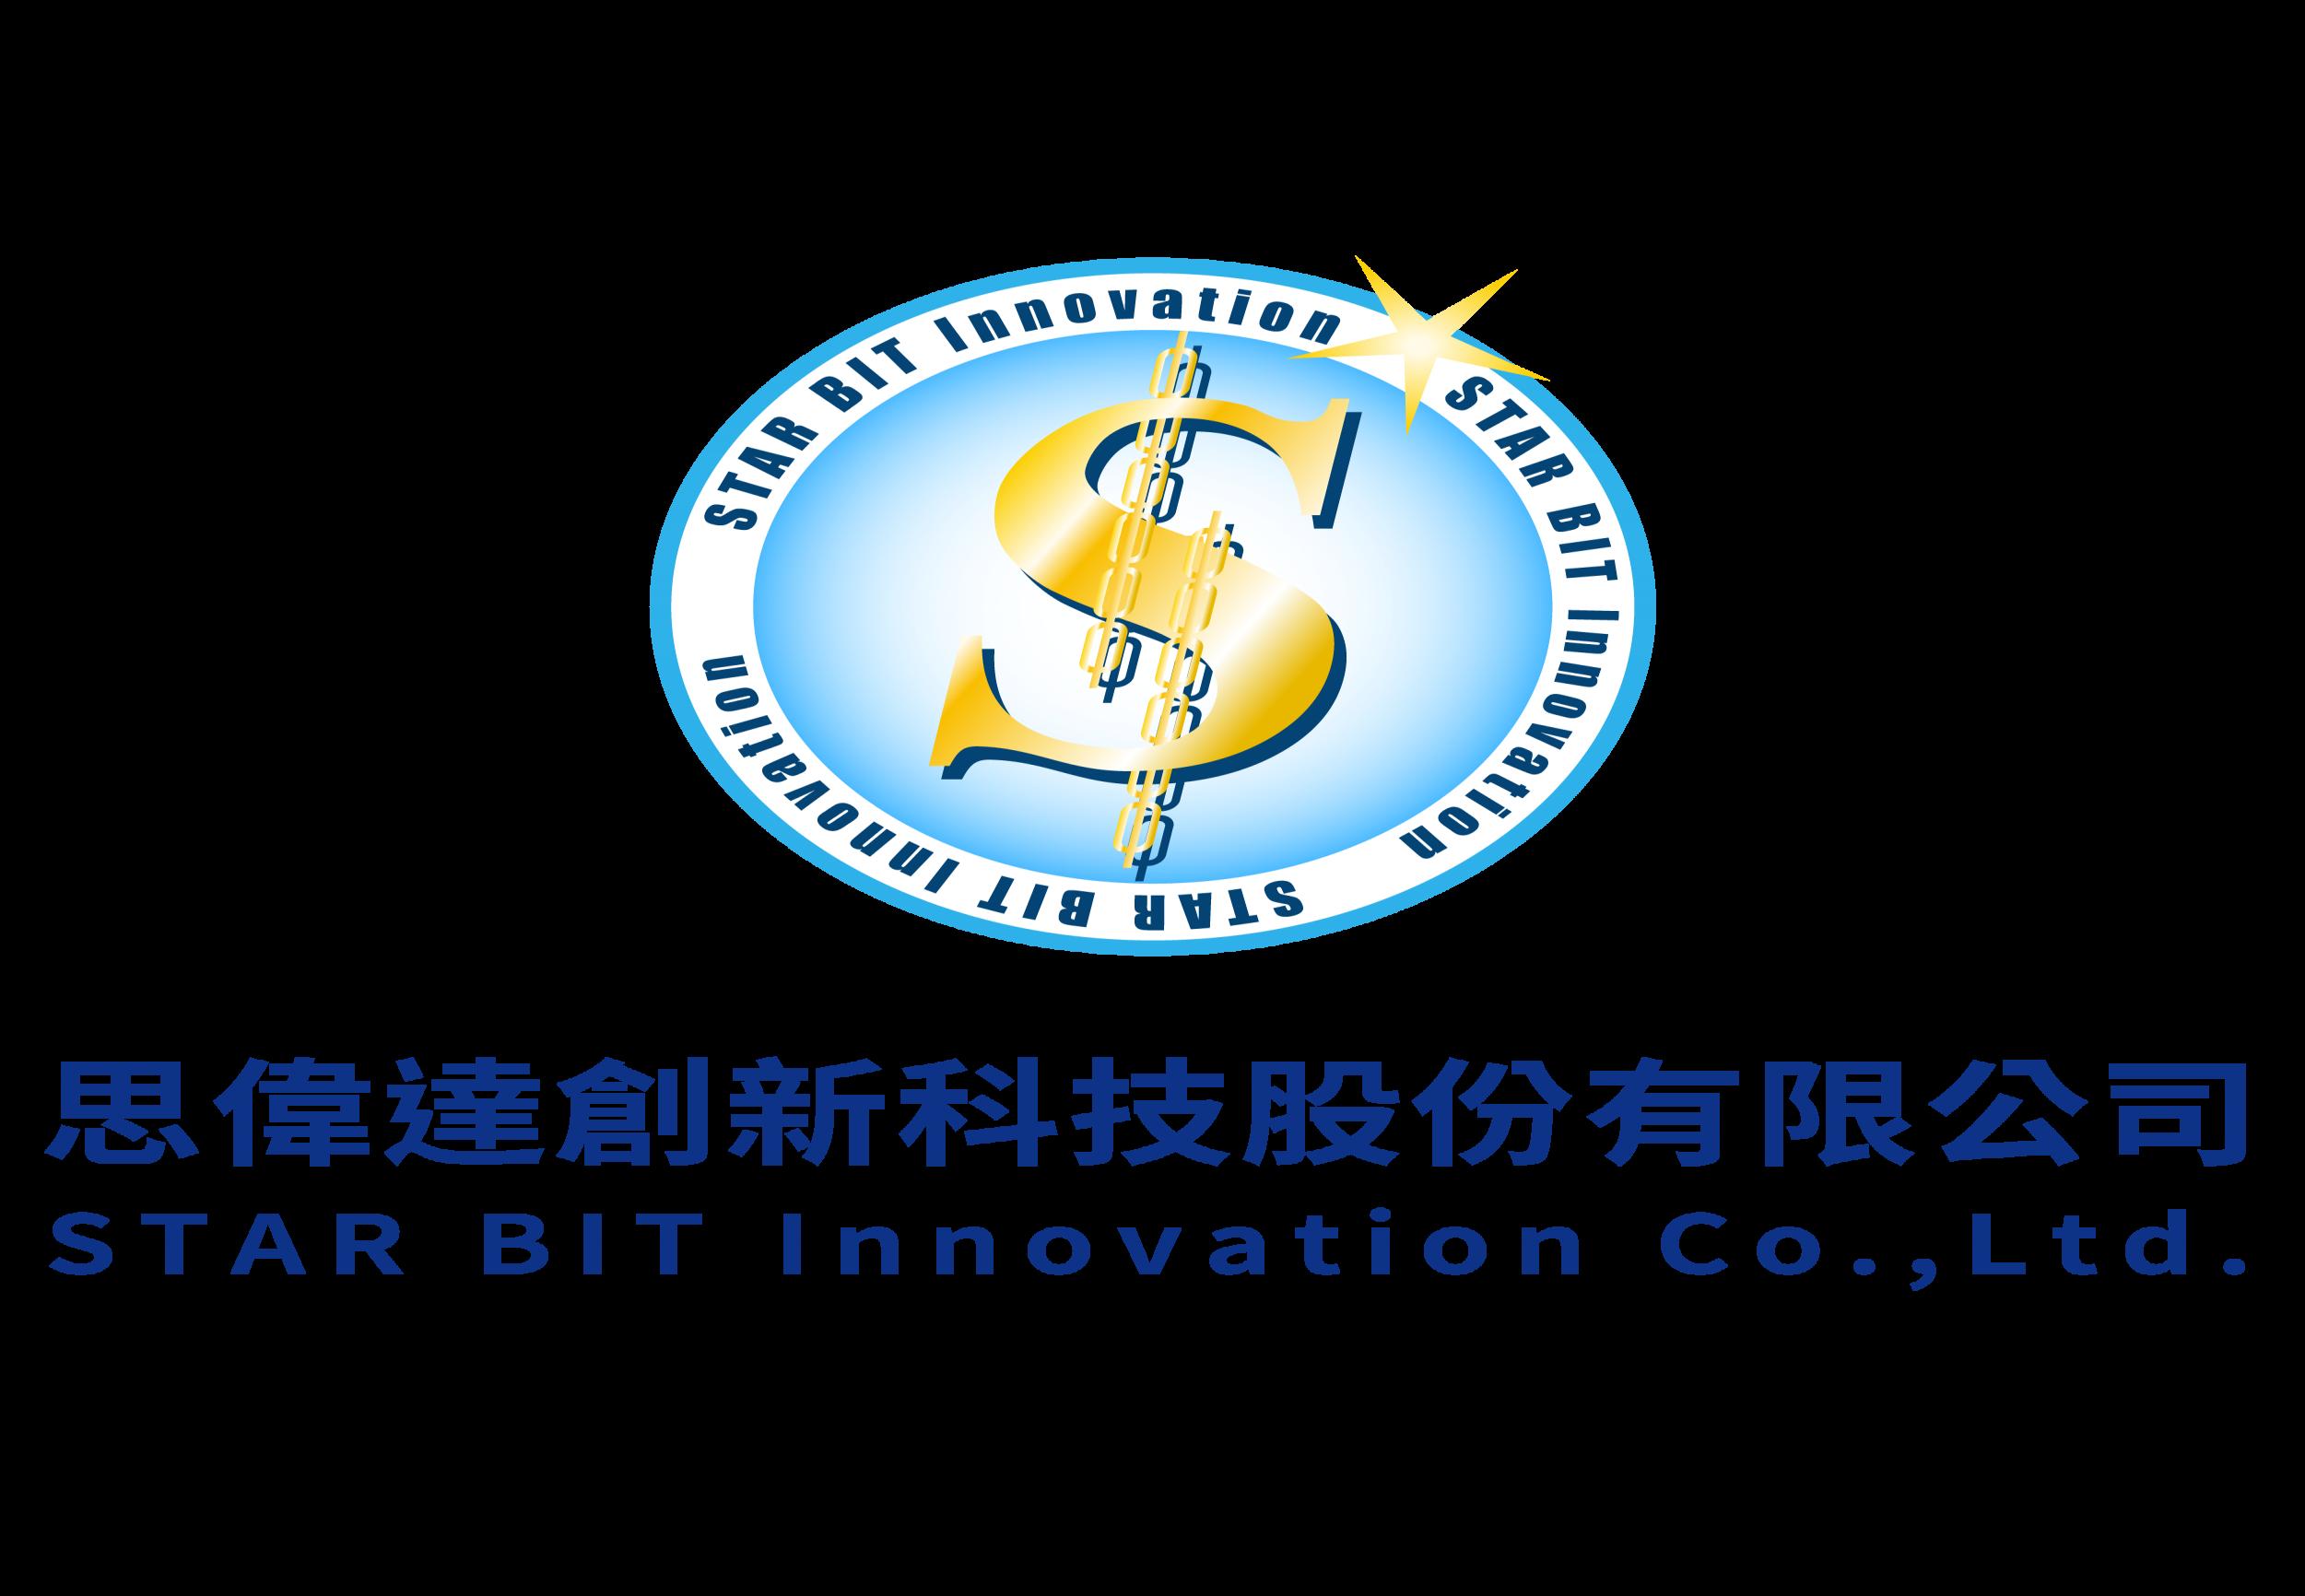 思偉達創新科技股份有限公司  (經濟部工業局「數位轉型 創新應用」主題館)